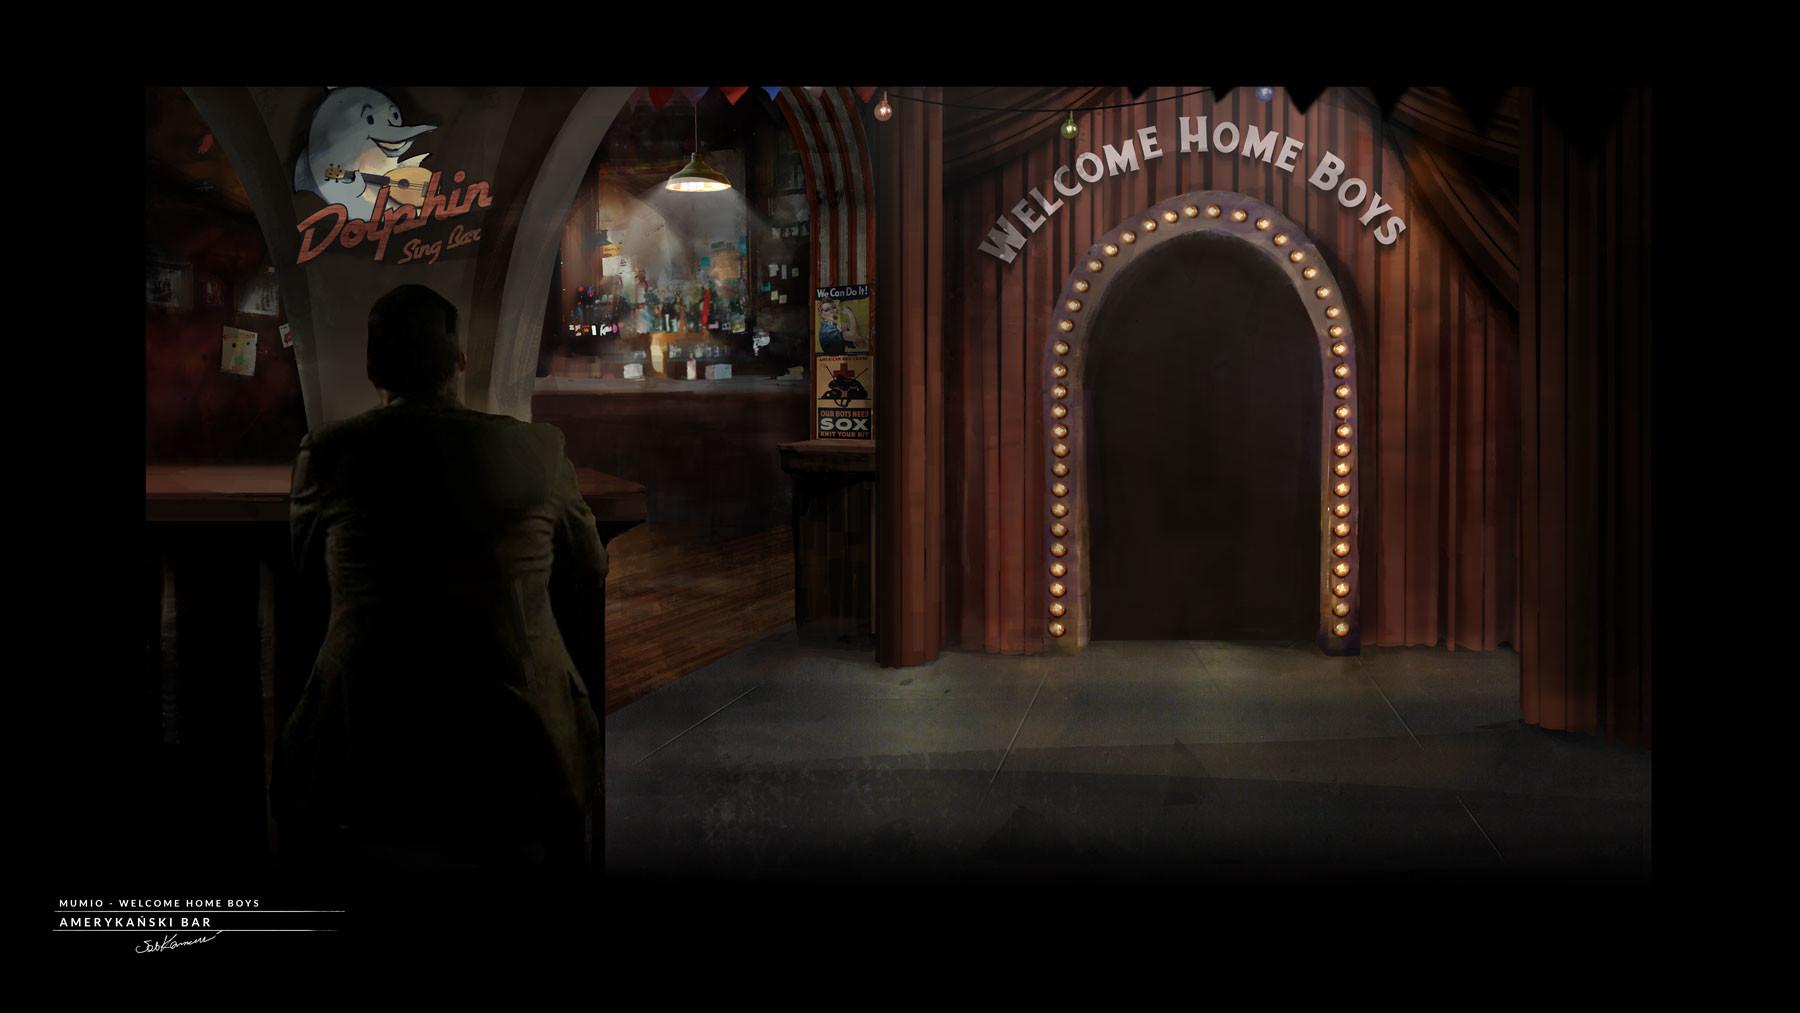 Sebastian komorowski mumio amerykanski bar2